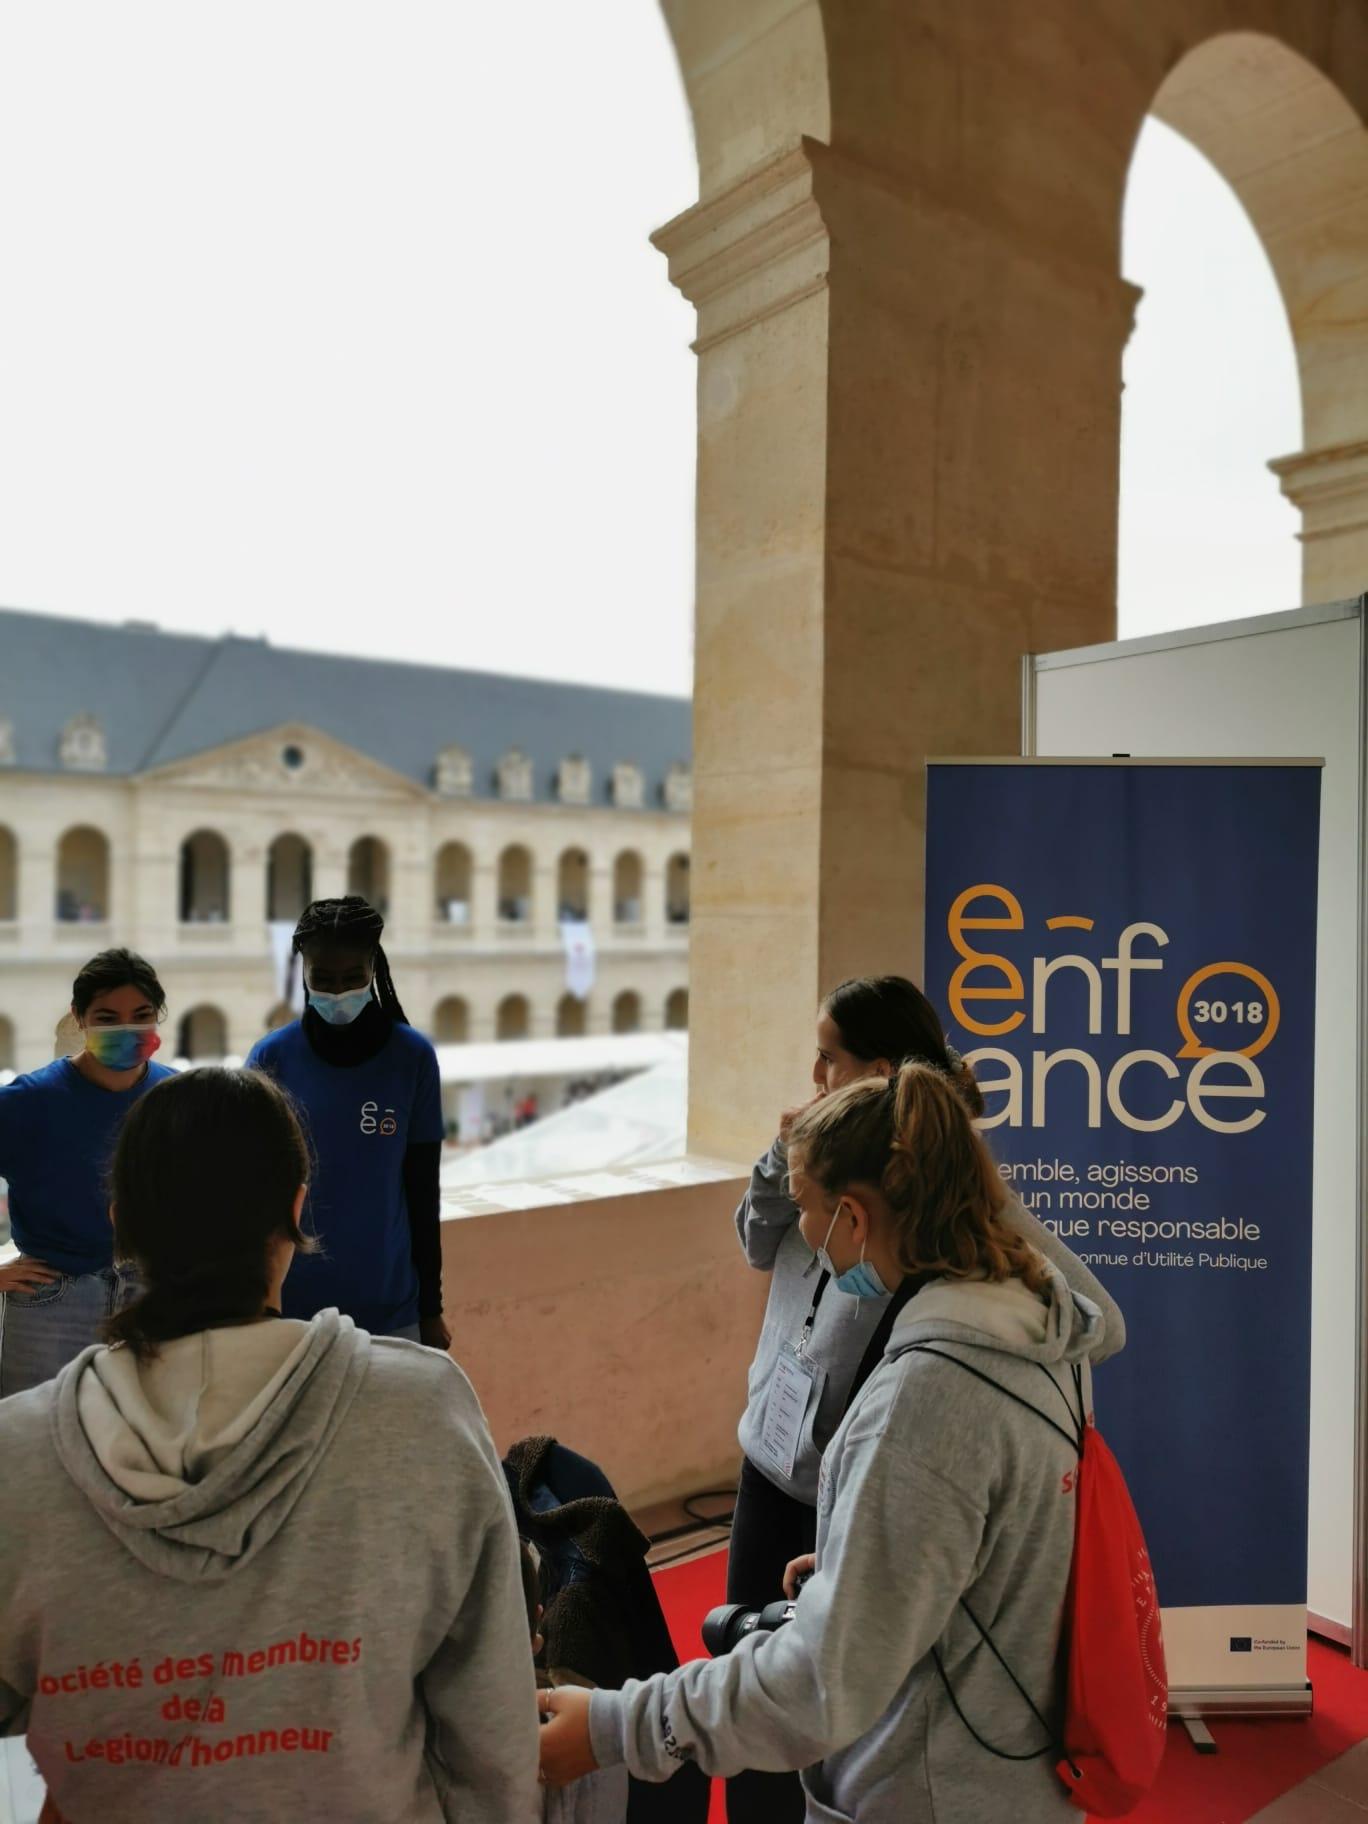 L'Association e-Enfance participe aux Olympiades de la Jeunesse, organisées par la Société des Membres de la Légion d'Honneur (SMLH)